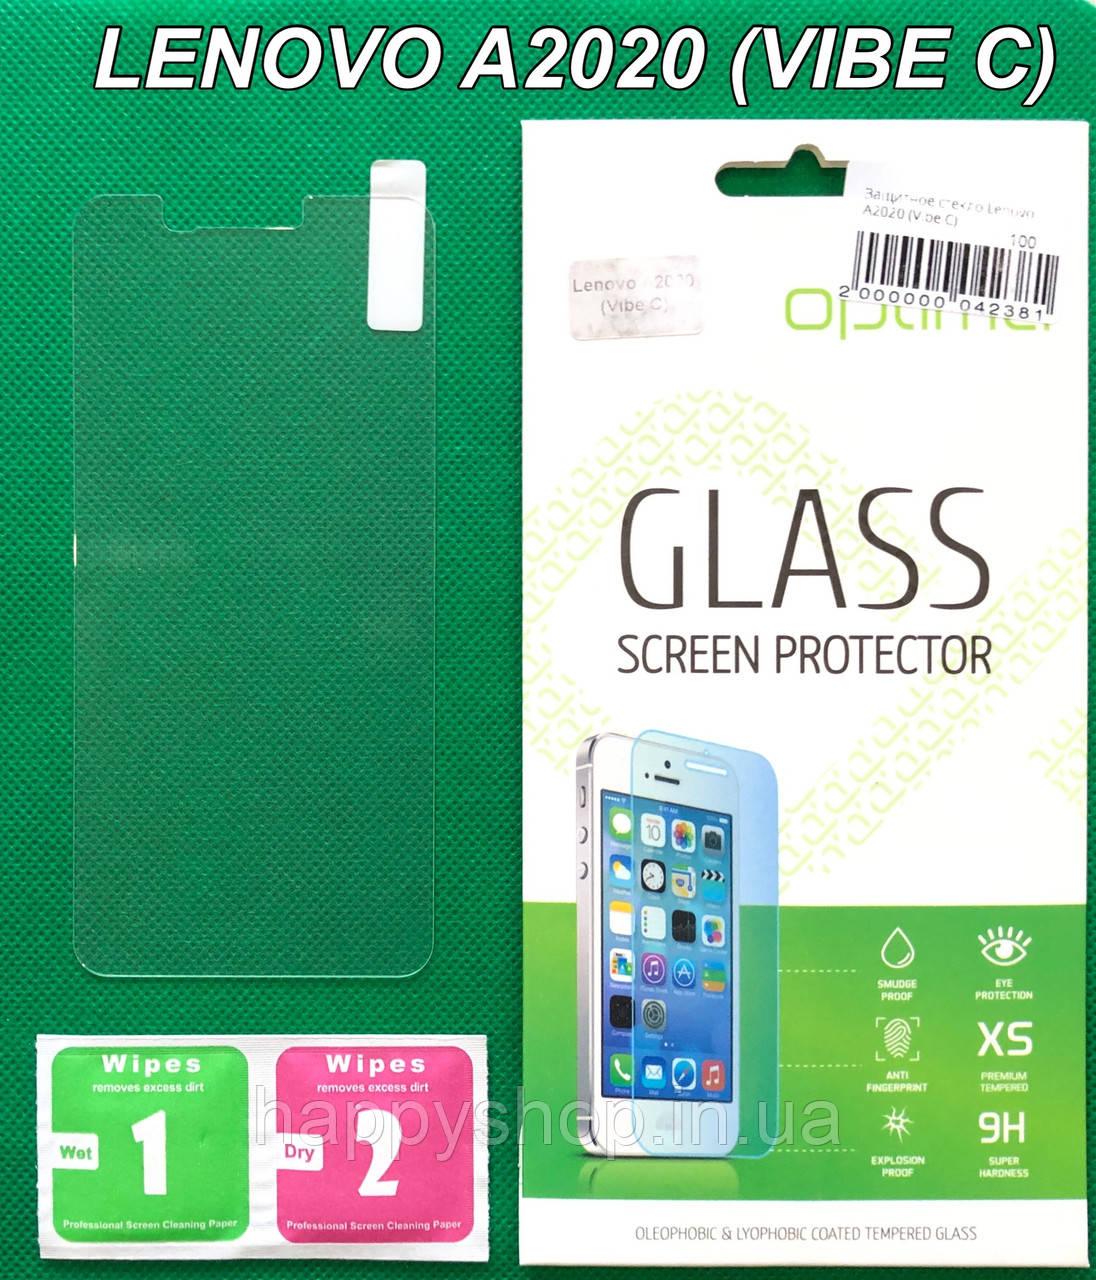 Защитное стекло для Lenovo A2020a40 (Vibe C)